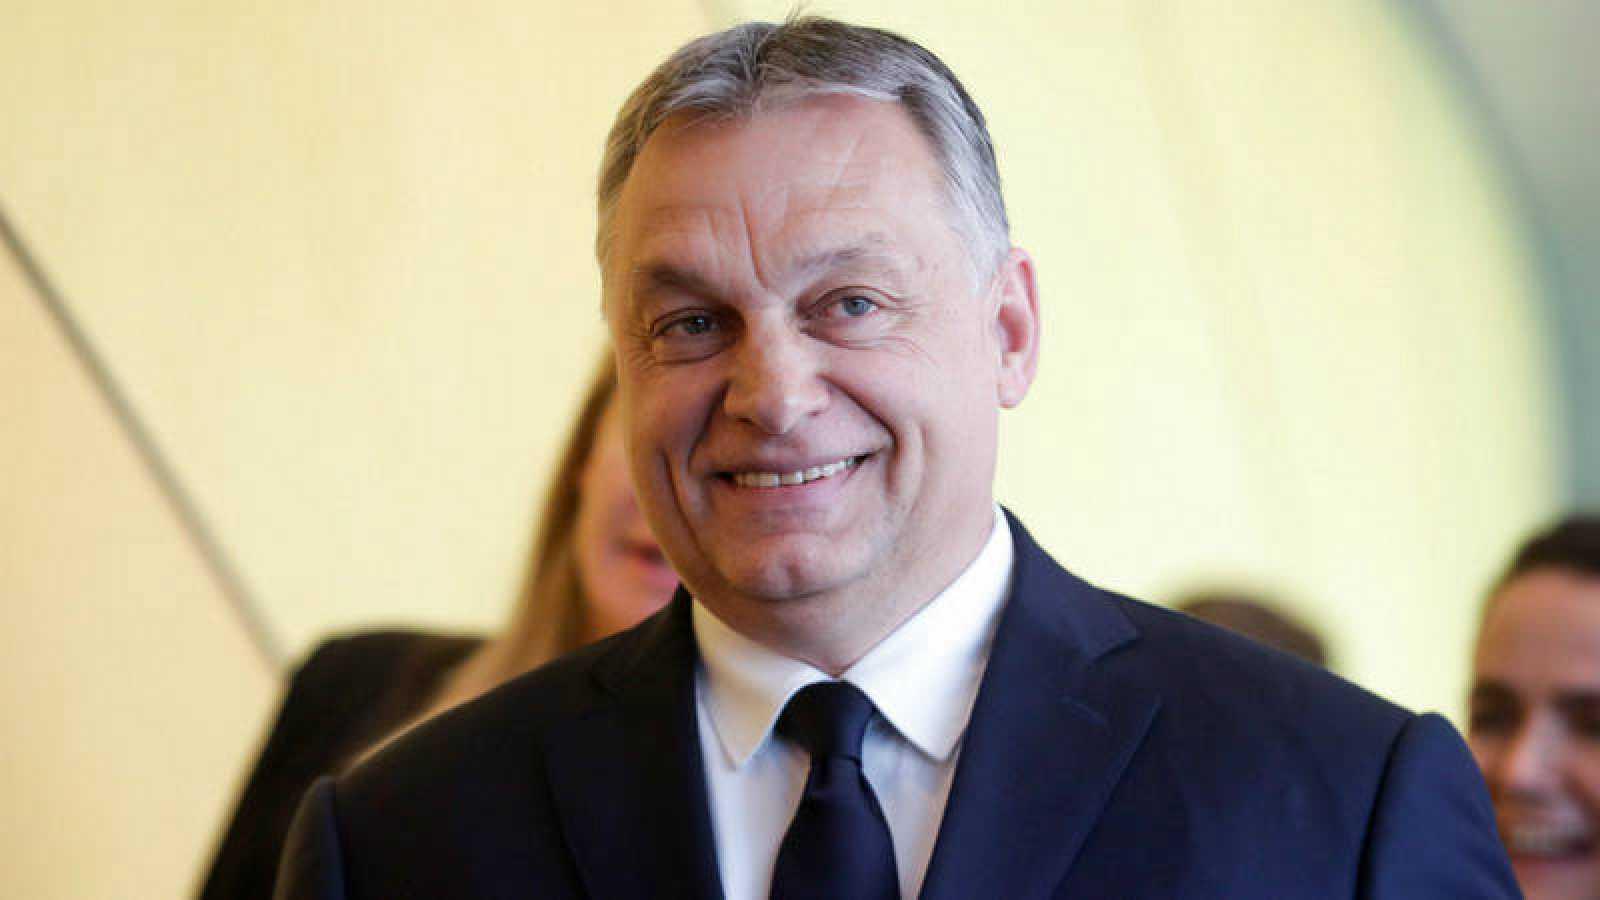 El primer ministro de Hungría anuncia que su partido abandona el Partido Popular Europeo